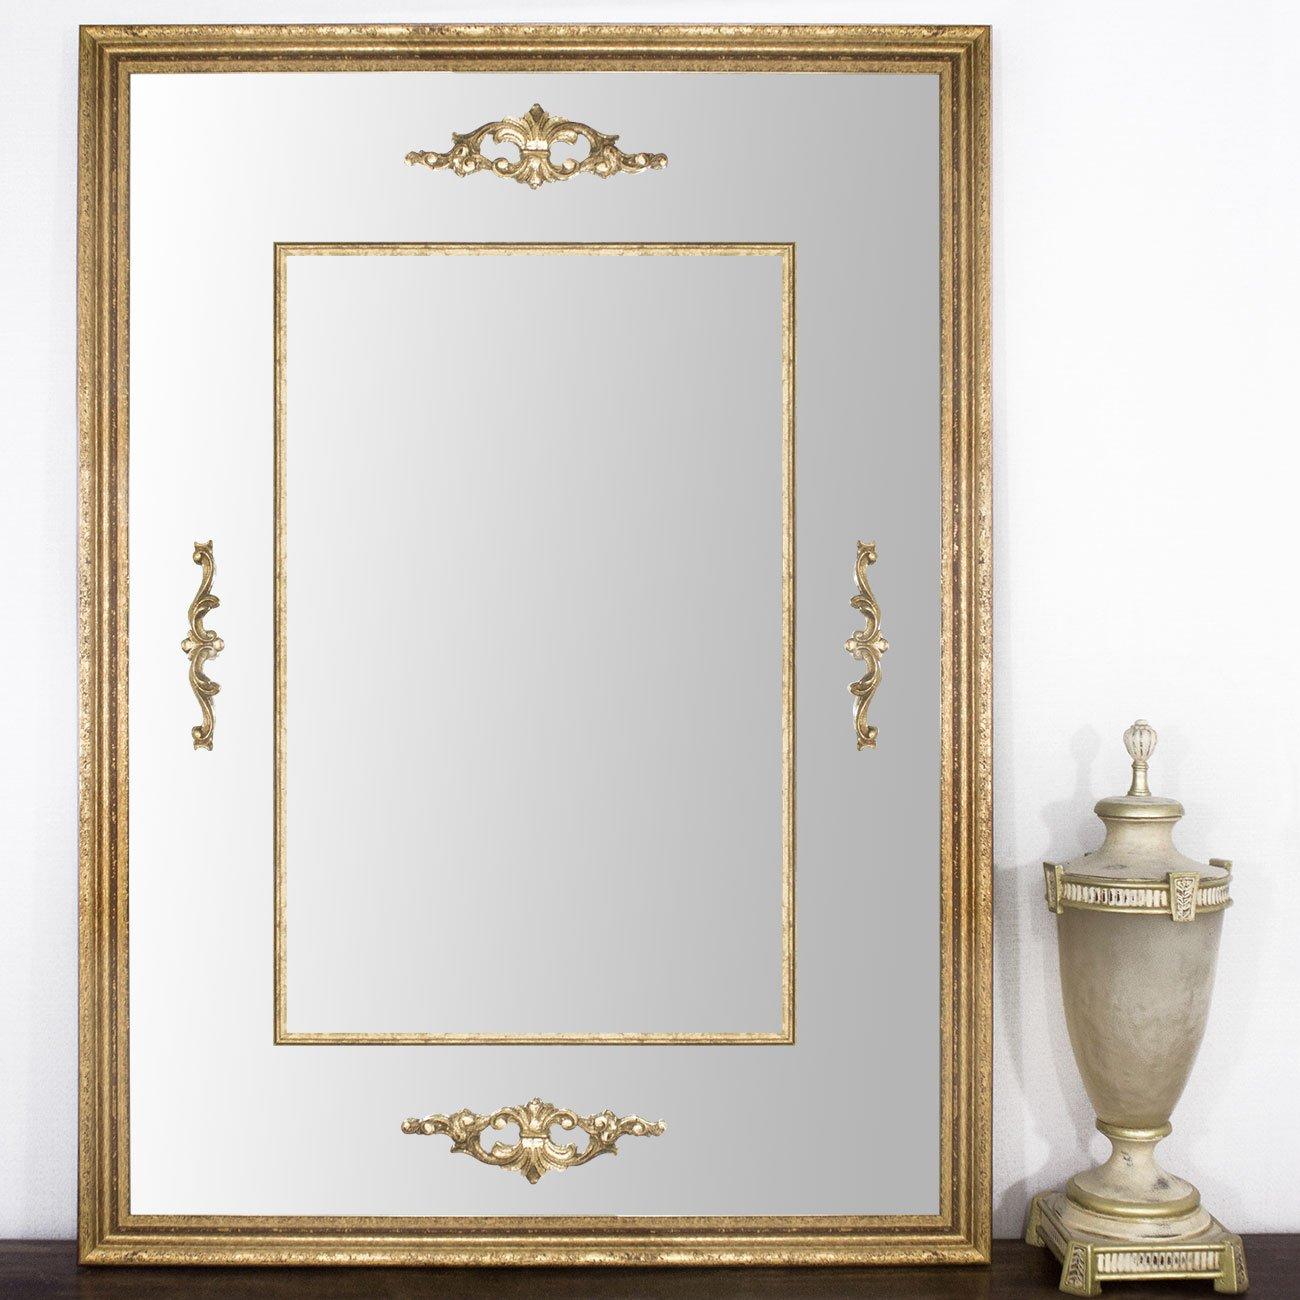 Espelho Clássico Decorativo com Apliques Dourados Folheados